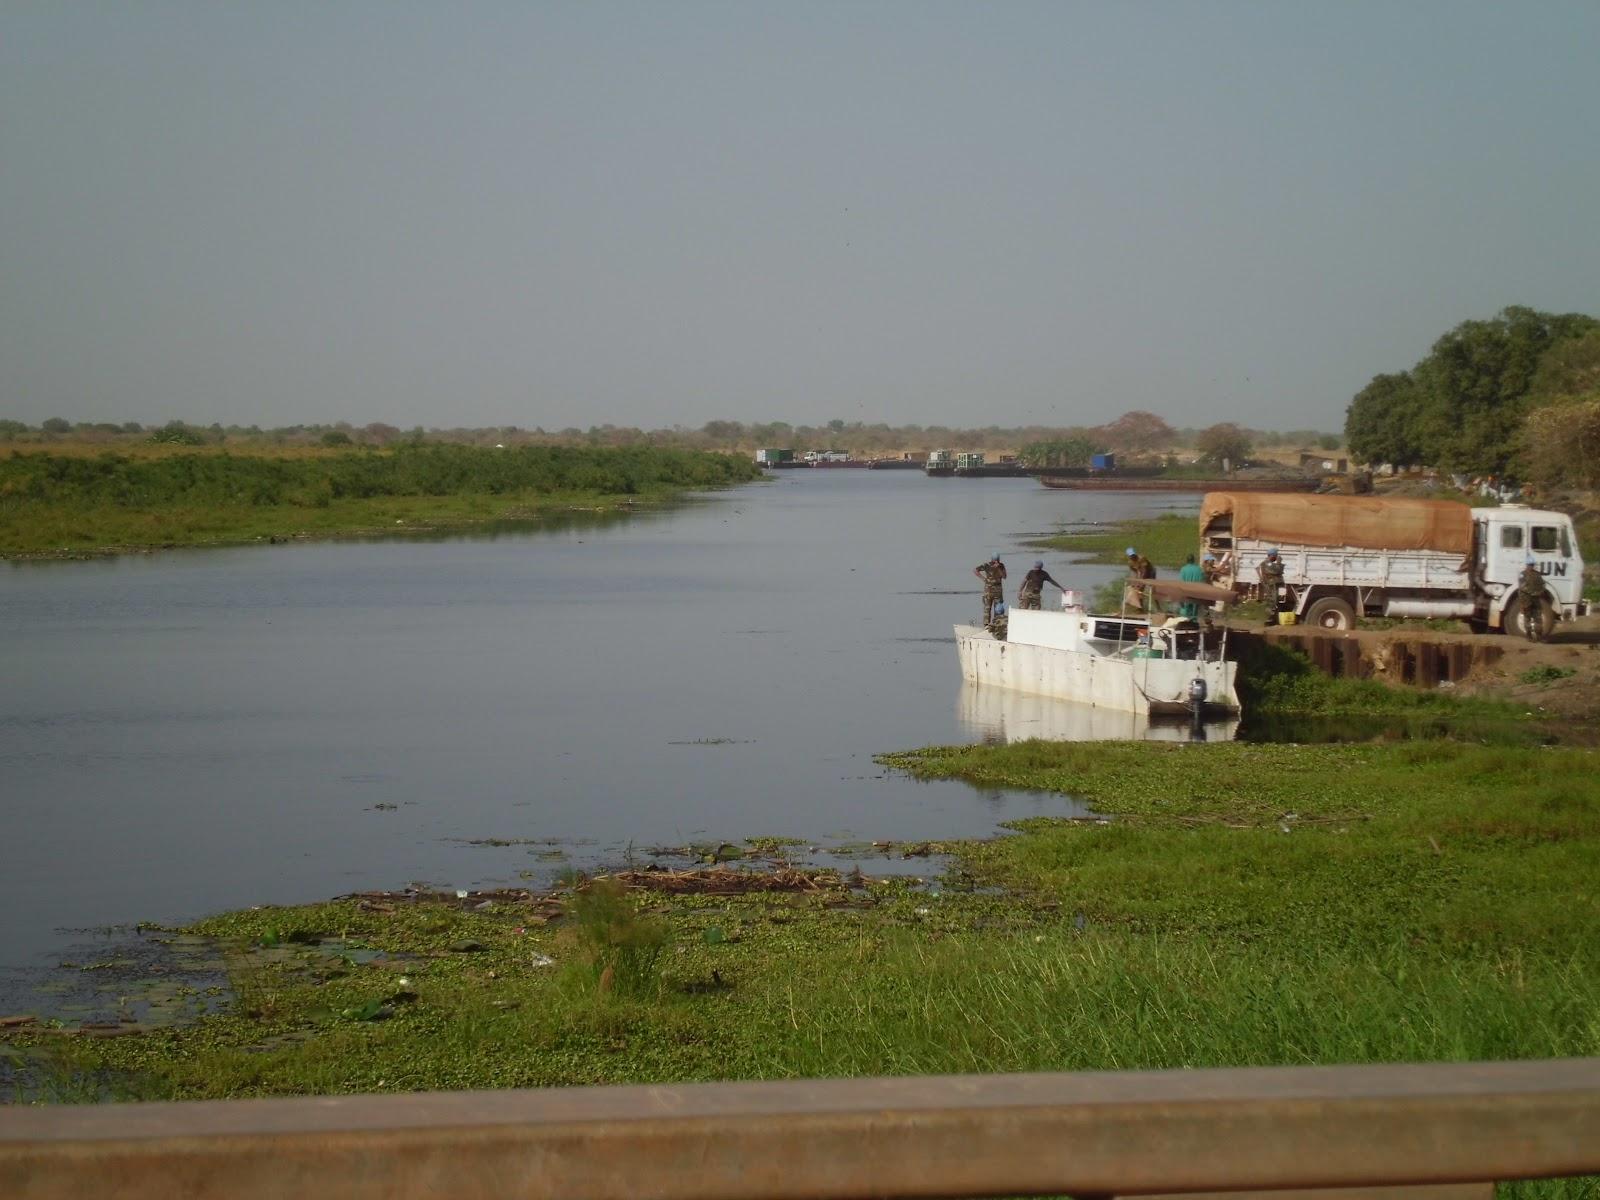 Sudan river transport company